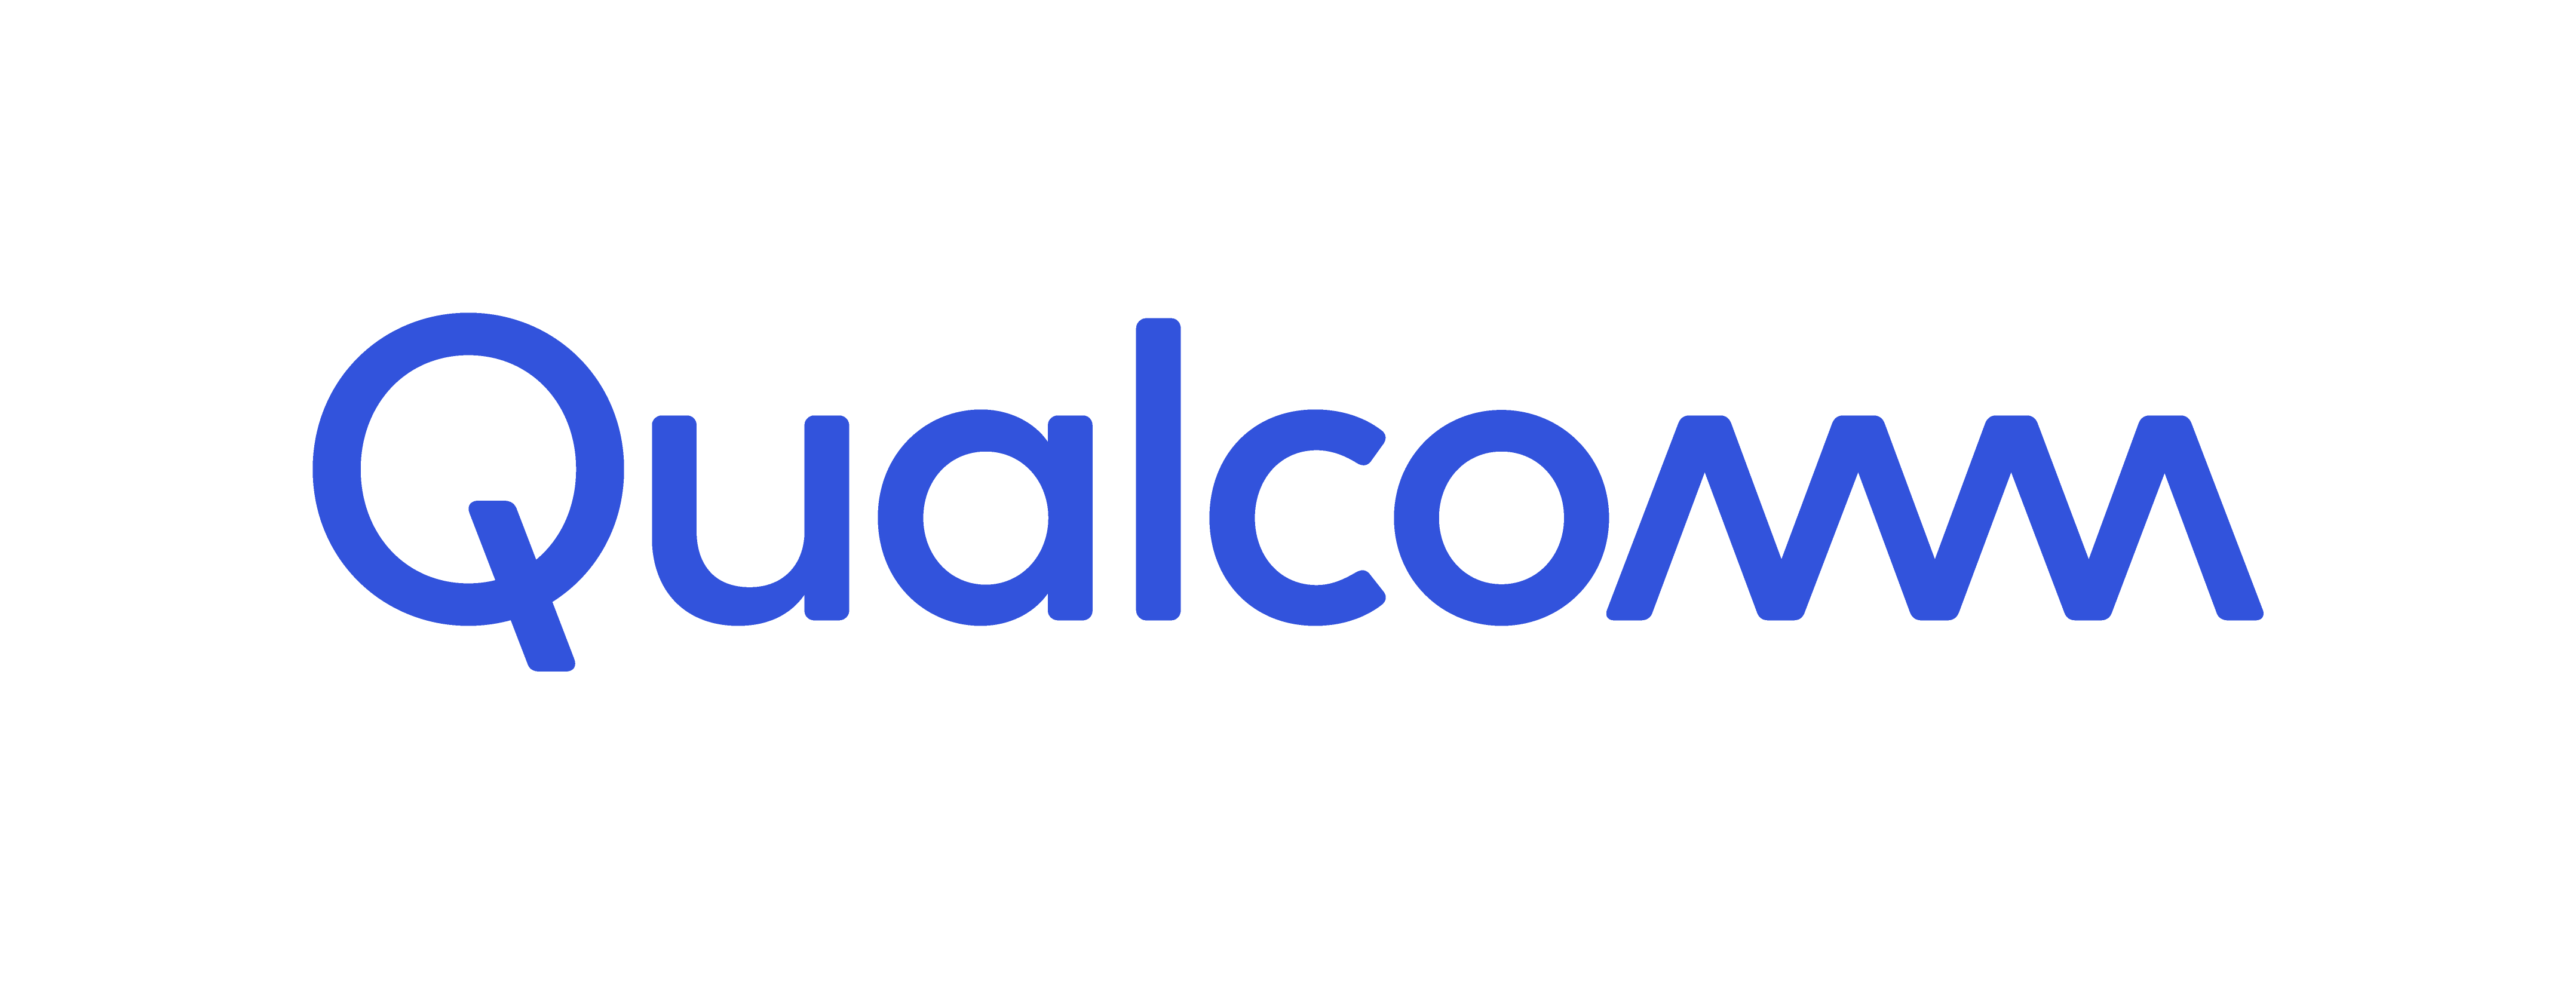 Apple: Qualcomm-Aktie steigt nach Streitschlichtung